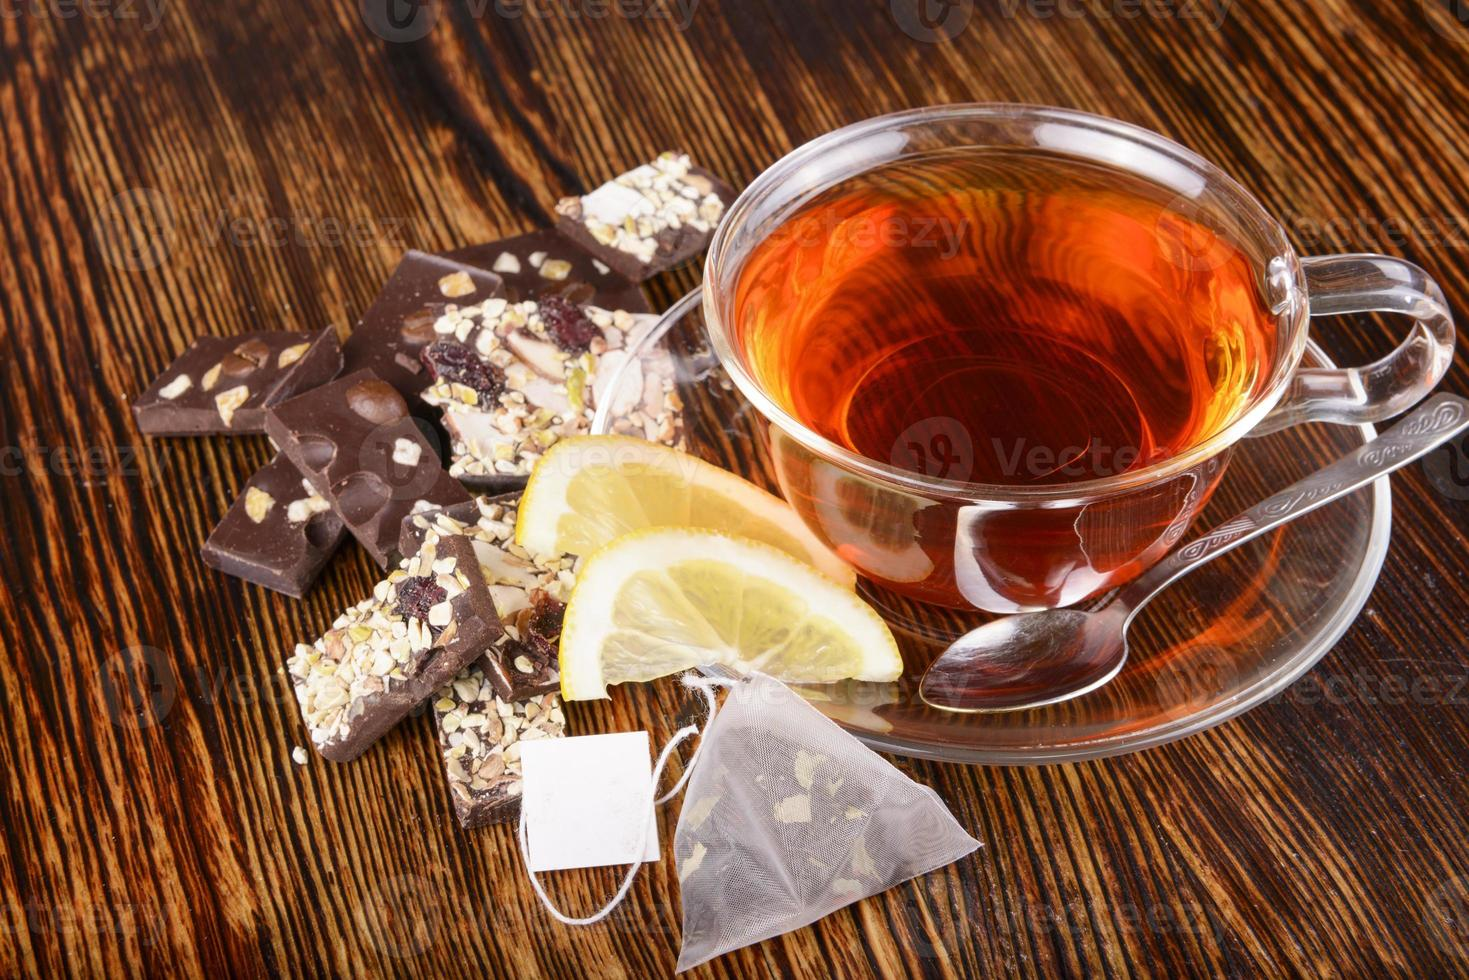 kopje thee met citroen op houten achtergrond foto